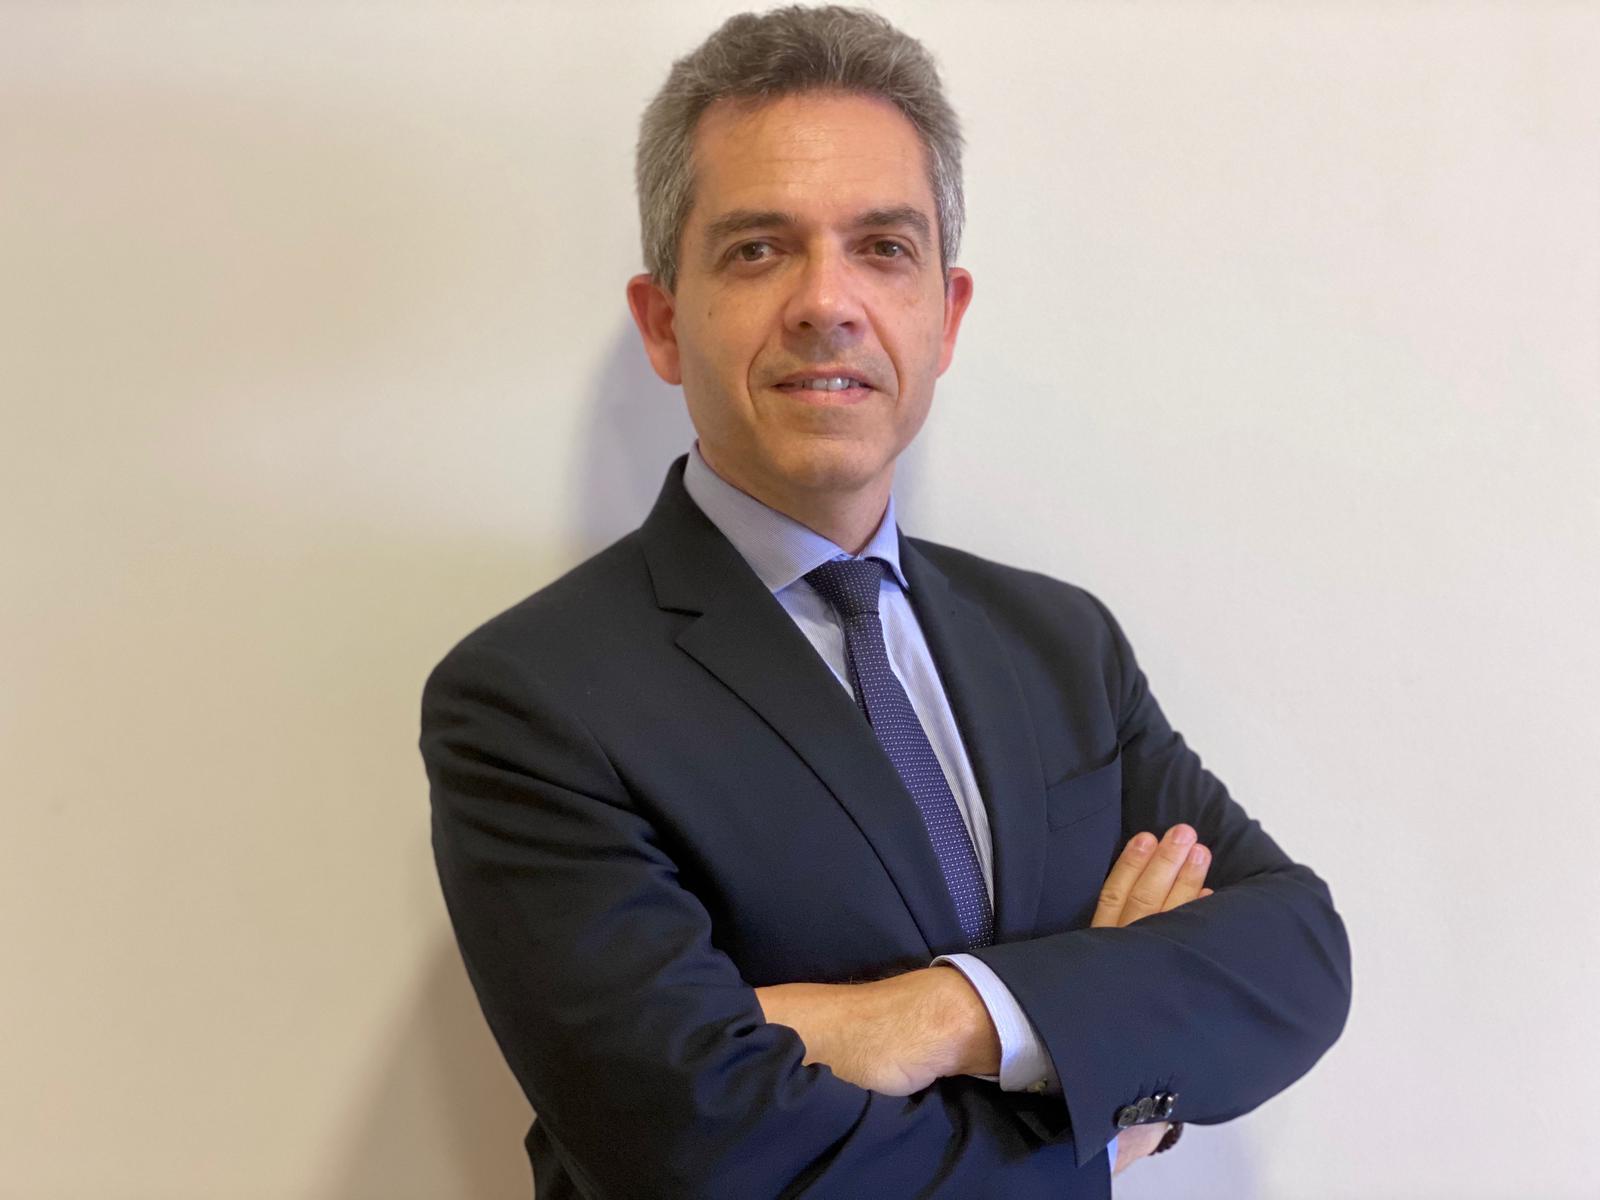 Roberto Orive Montesdeoca